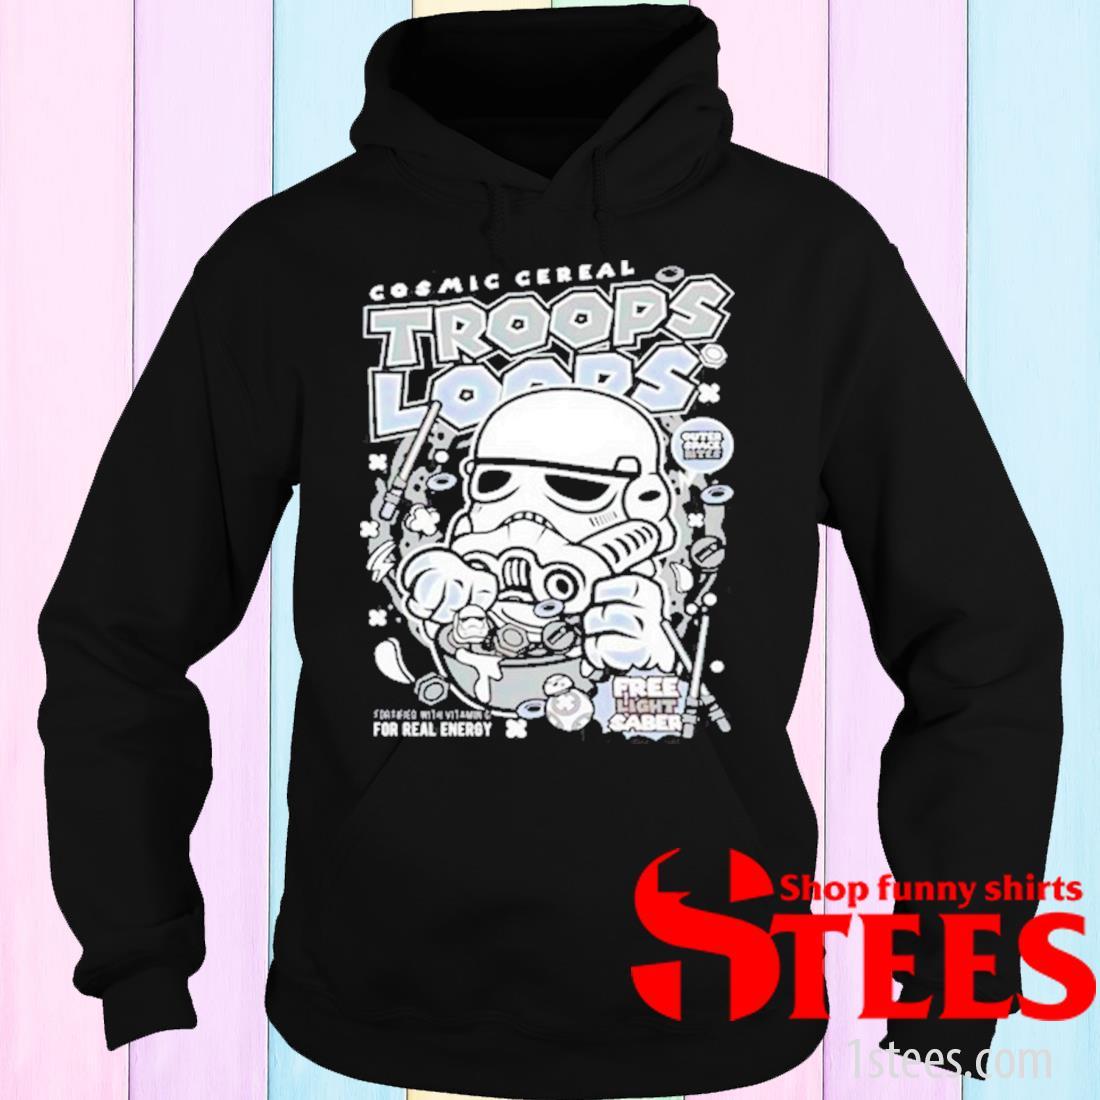 Cosmic Cereal Trooper Loops Shirt hoodie